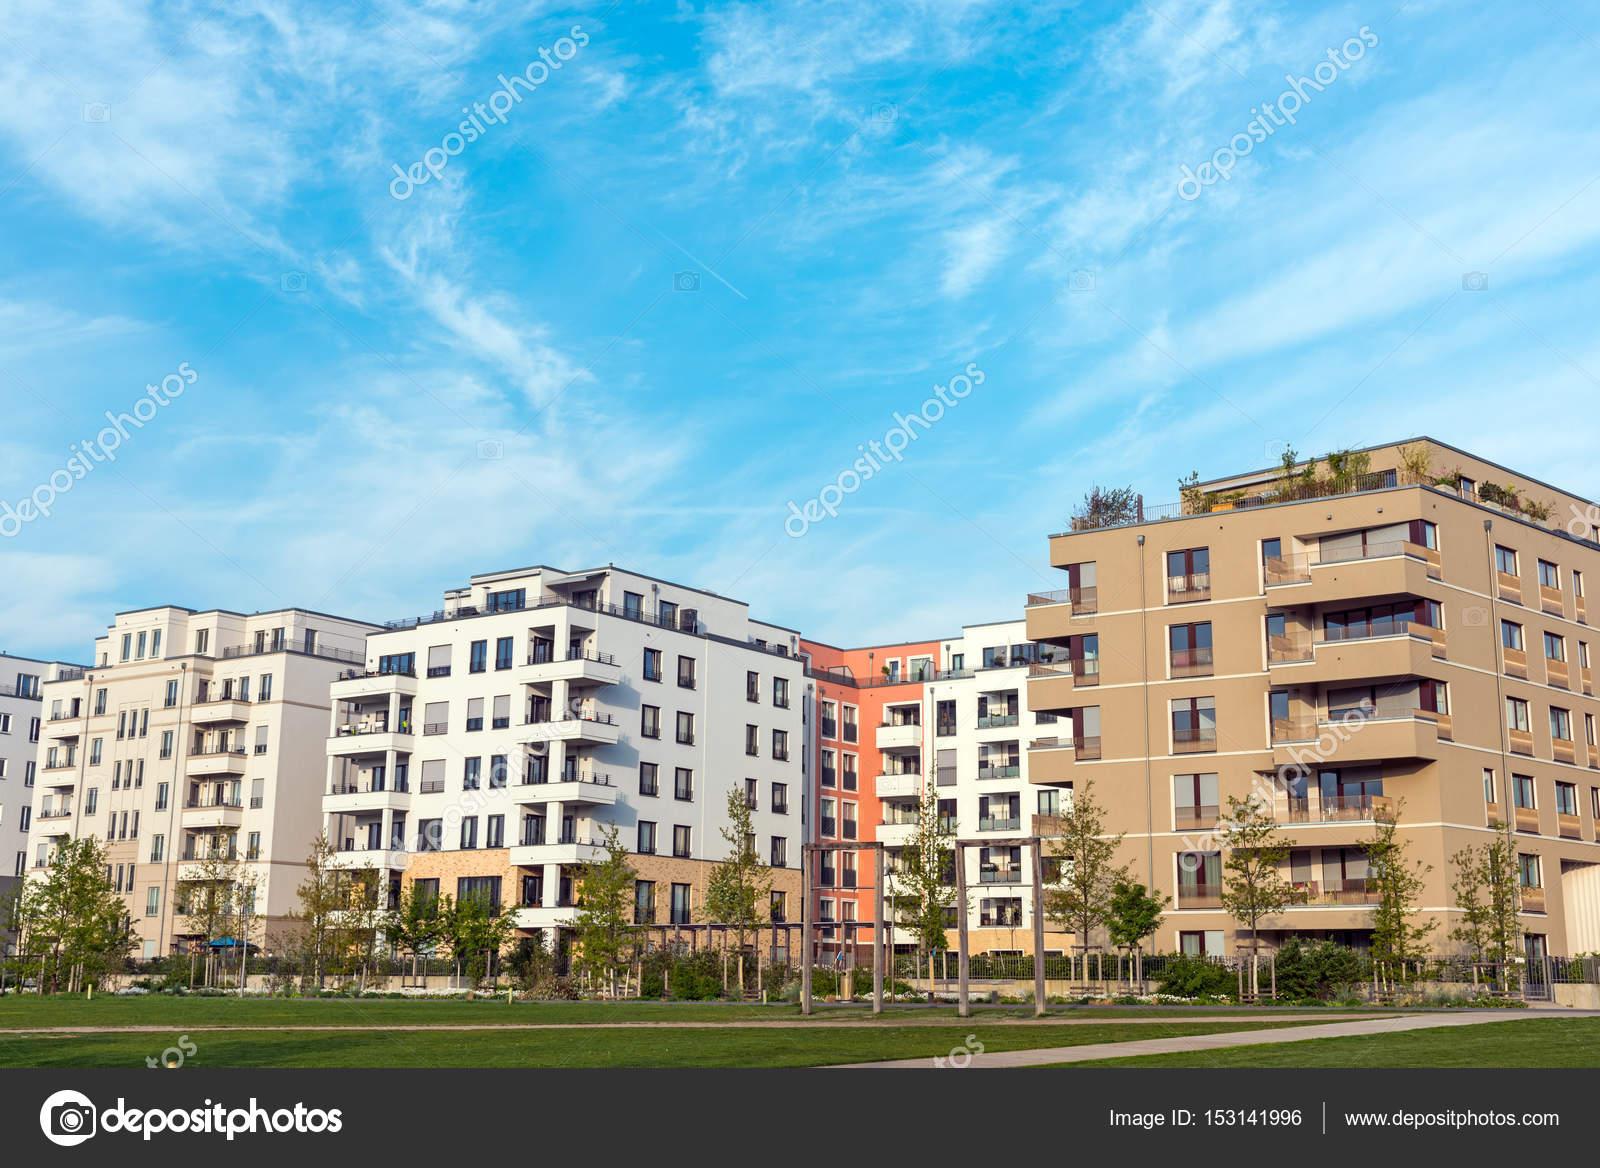 Neubaugebiet mit modernen Häusern — Stockfoto © elxeneize #153141996